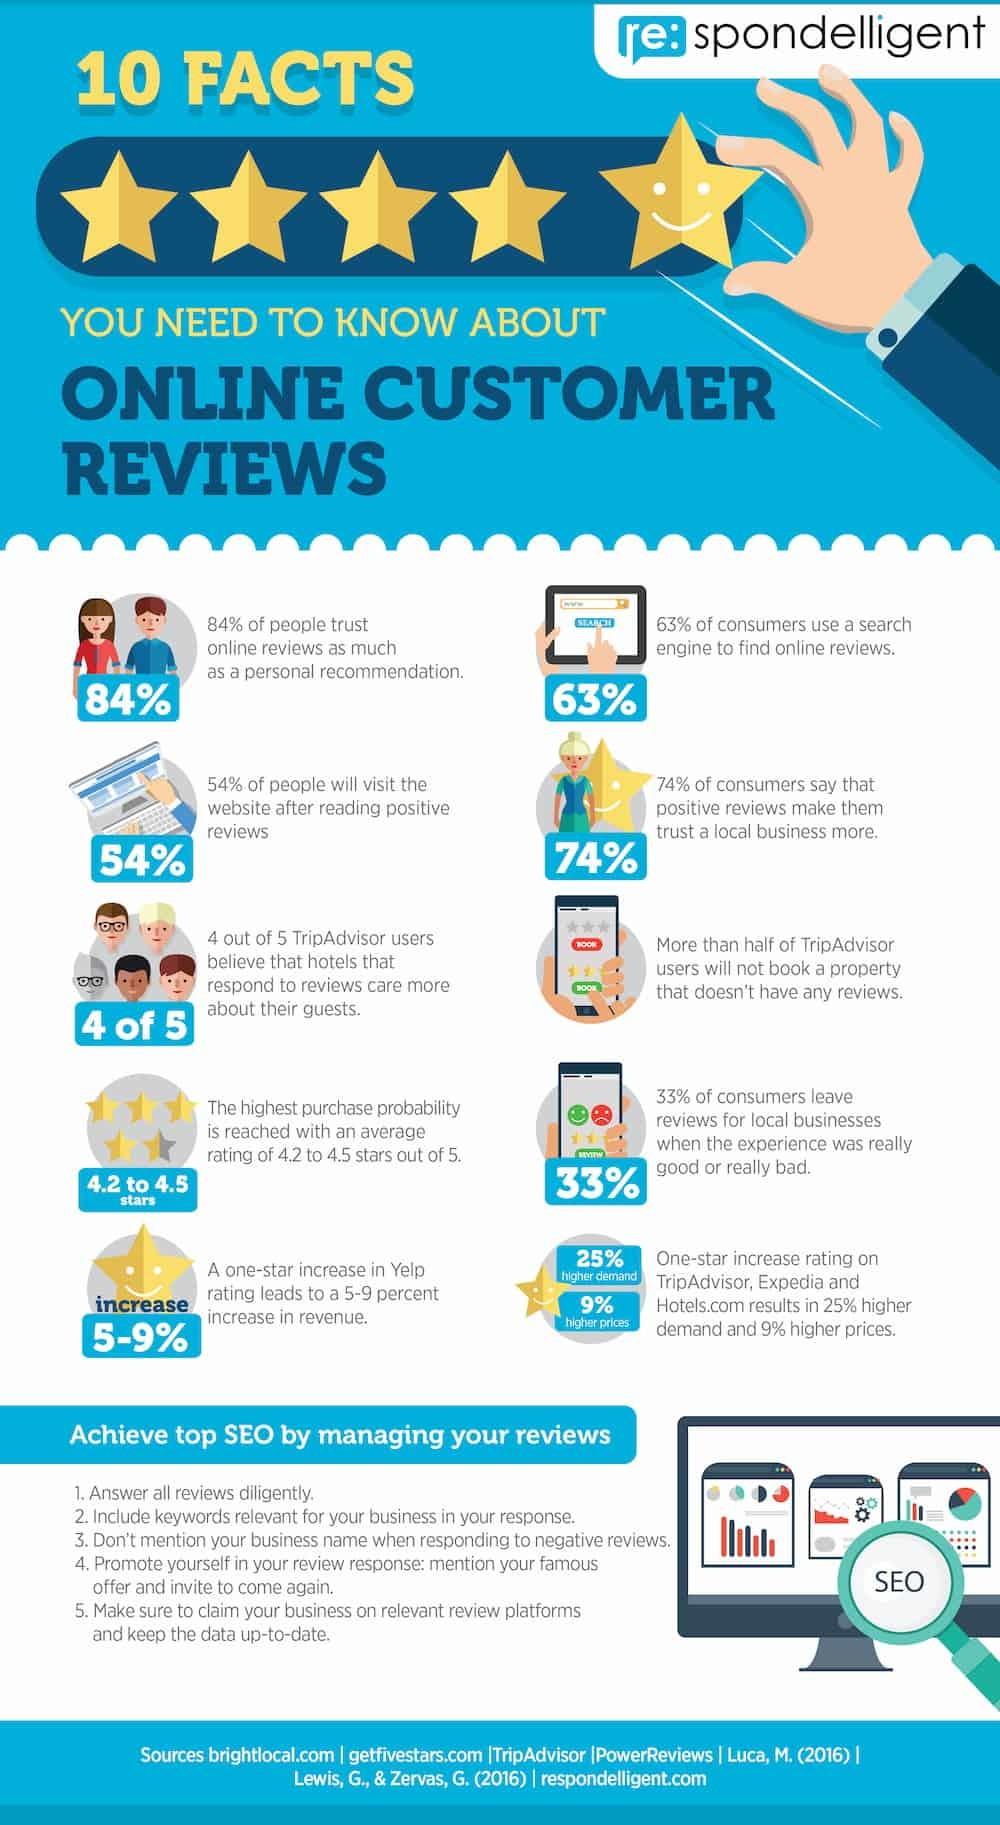 Mejora tu SEO local con las reseñas de clientes infografia